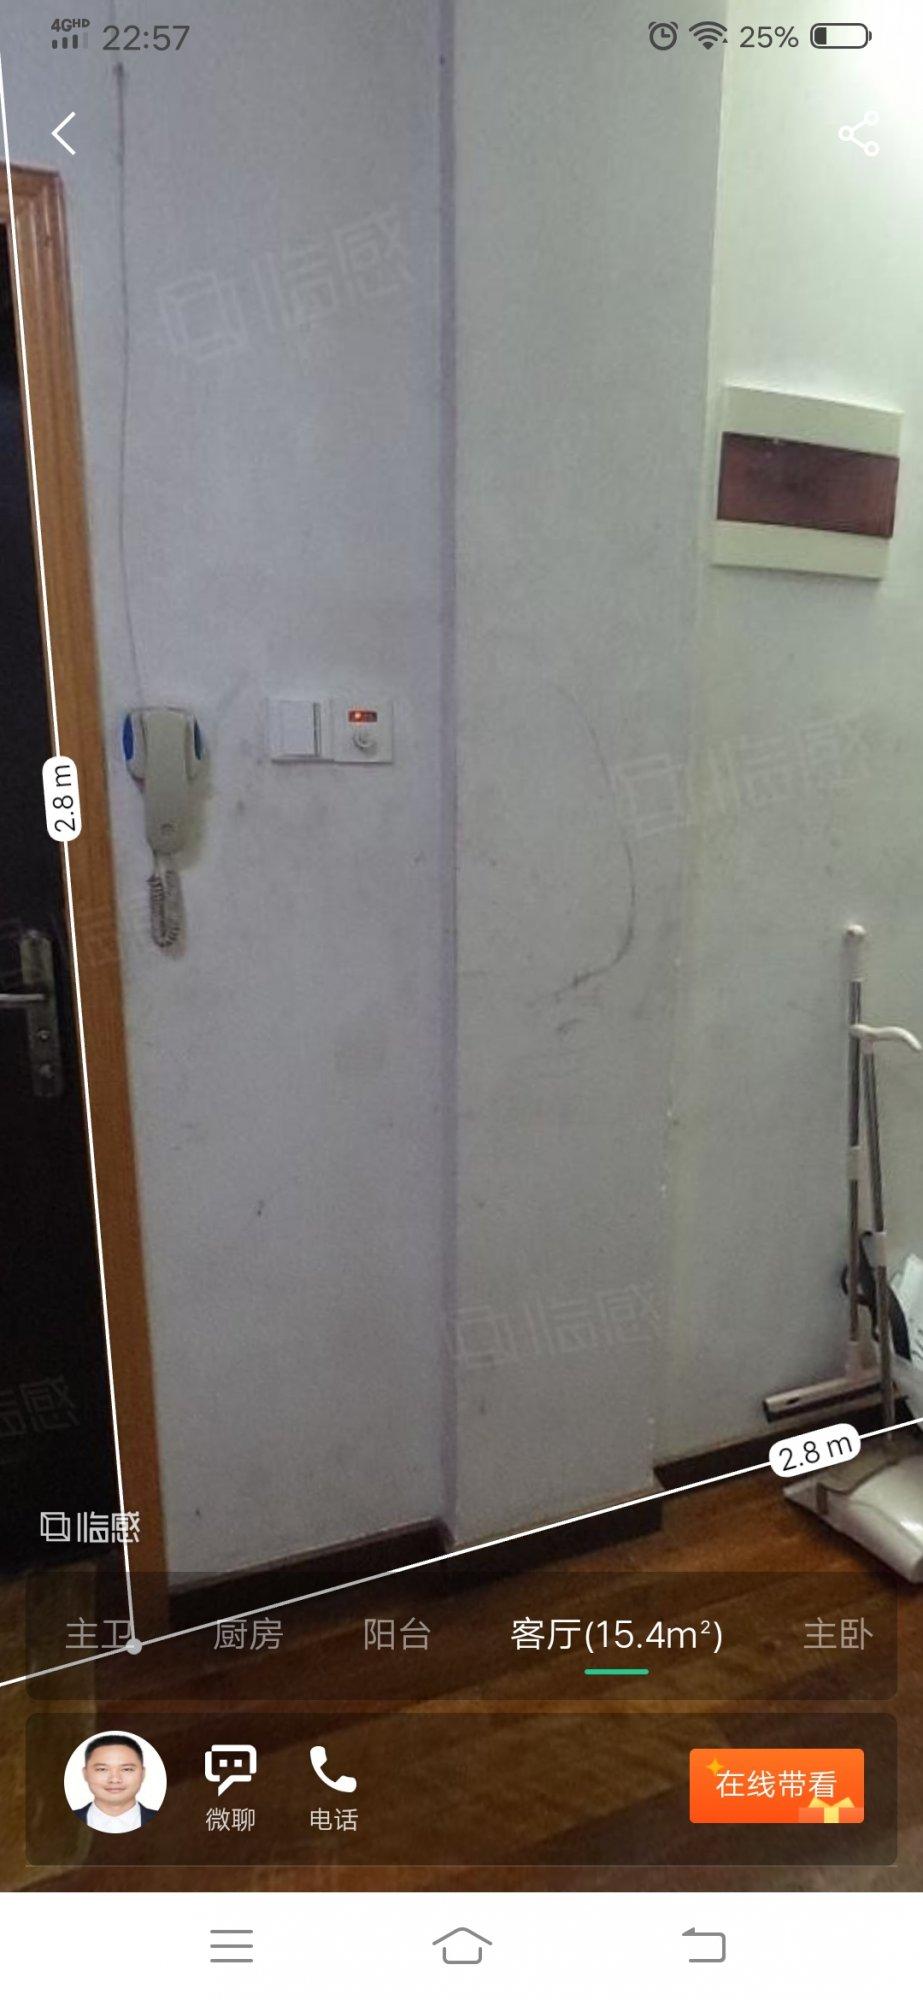 电视背景墙凸出来的是承重墙吗?能不能打掉